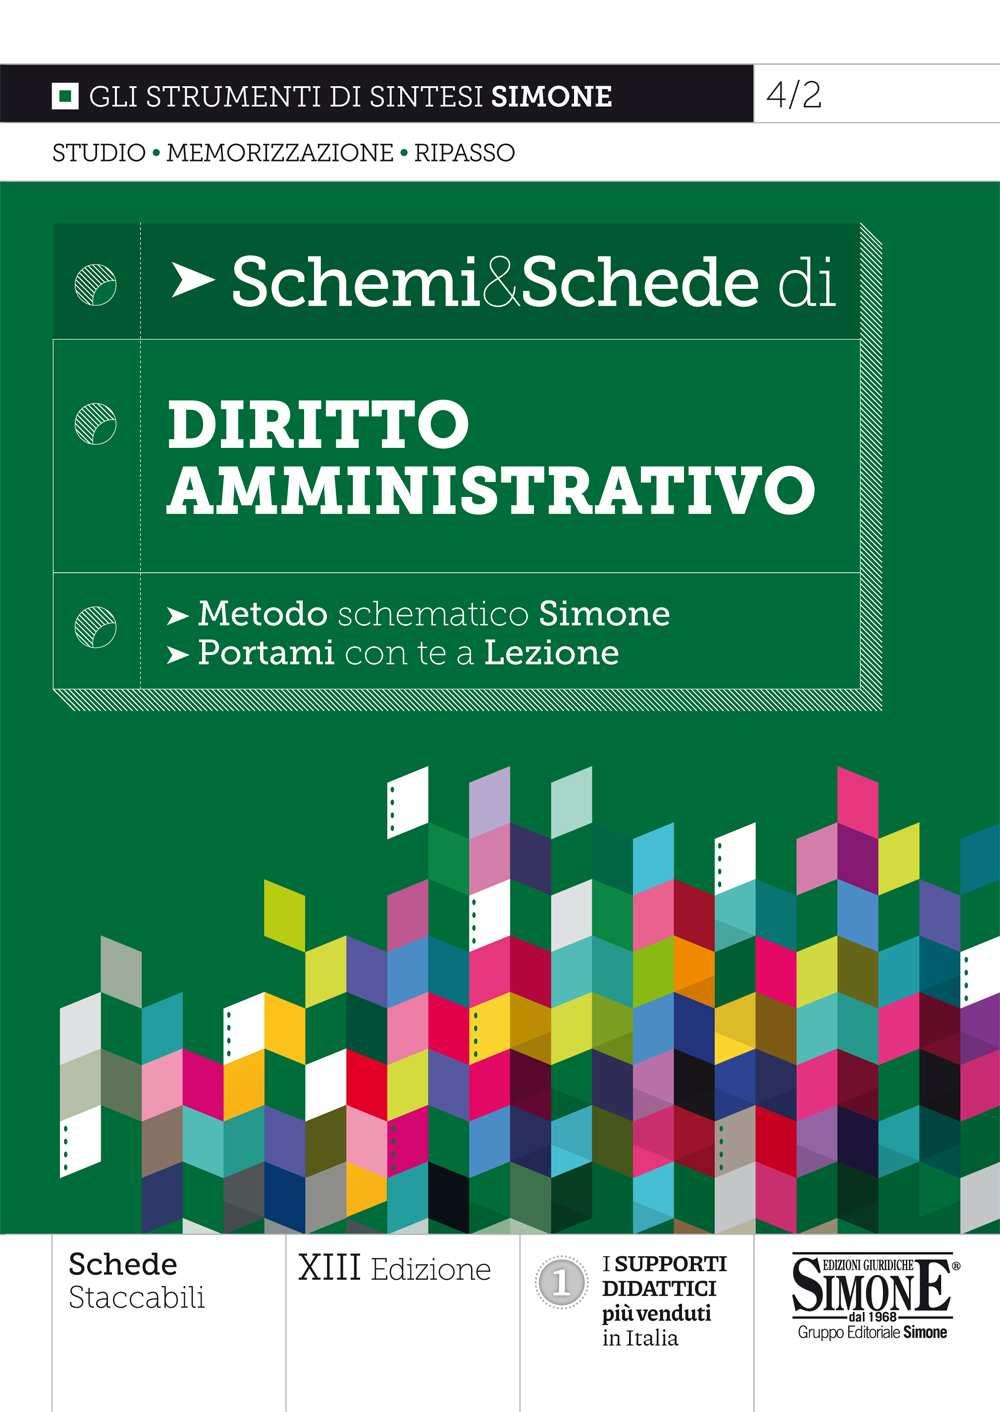 Schemi e Schede di Diritto Amministrativo